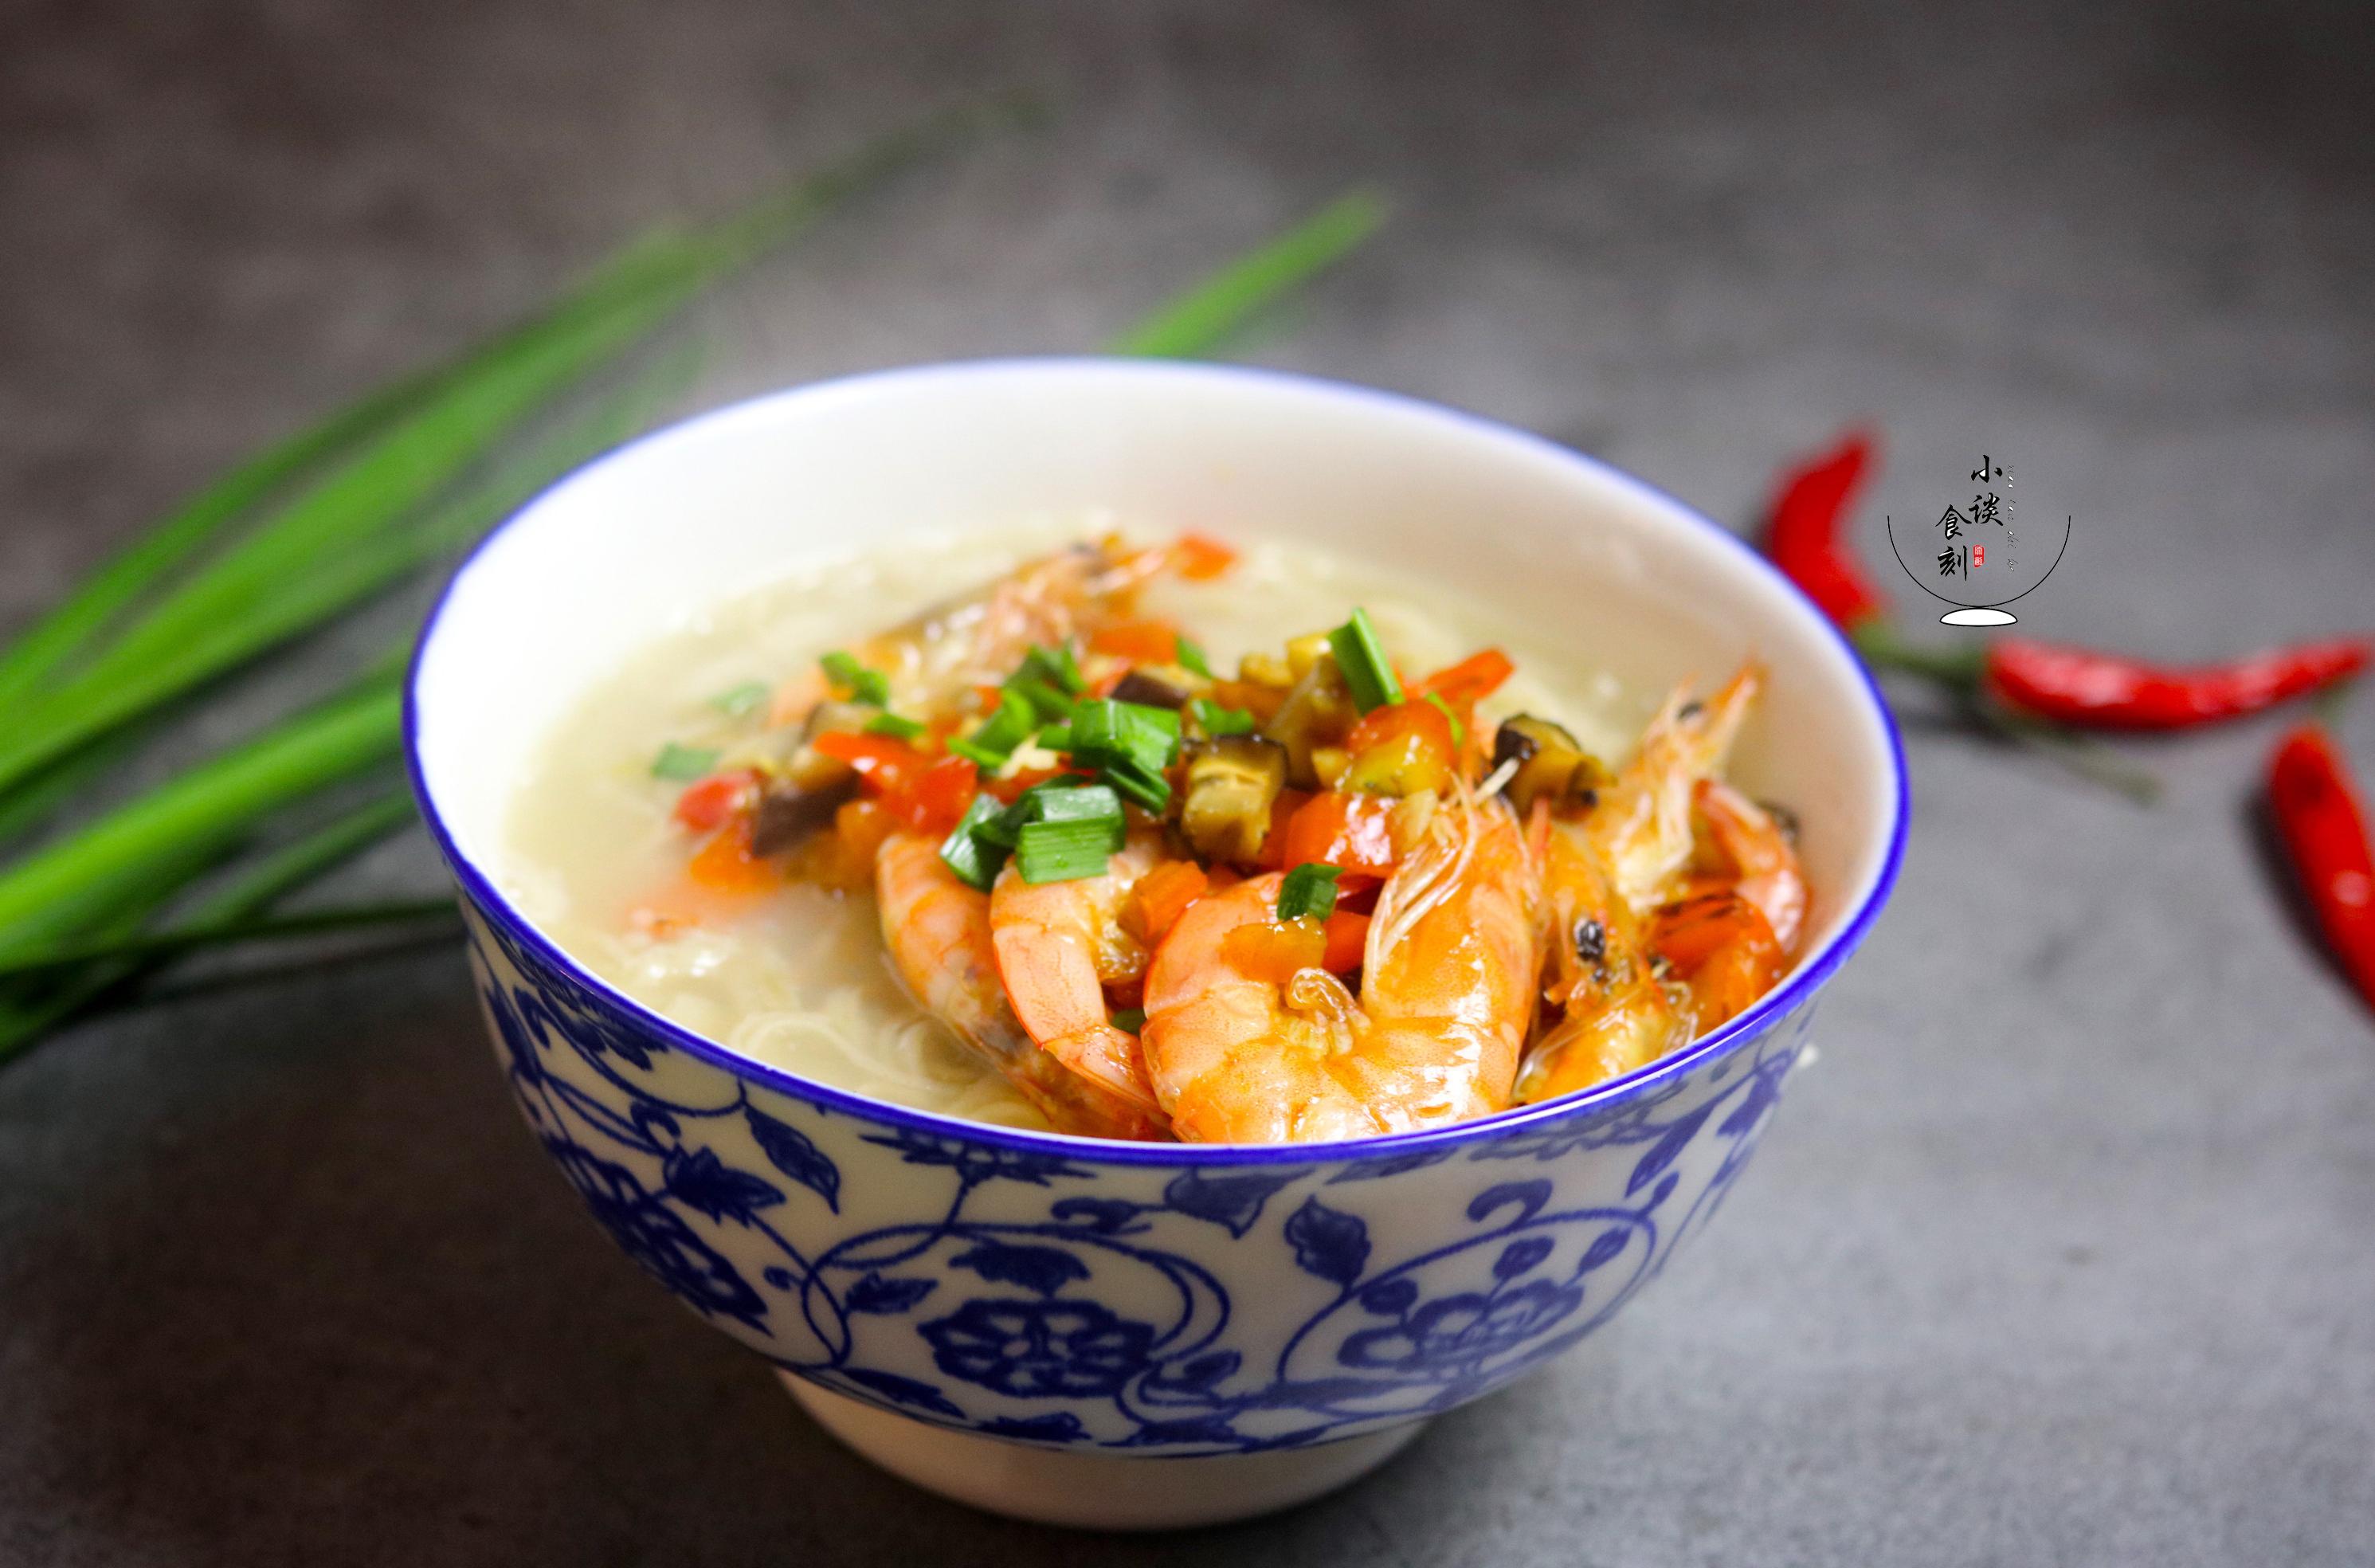 不用久等,早餐就能吃上鲜虾面,我家每周吃5次,比做泡面还简单